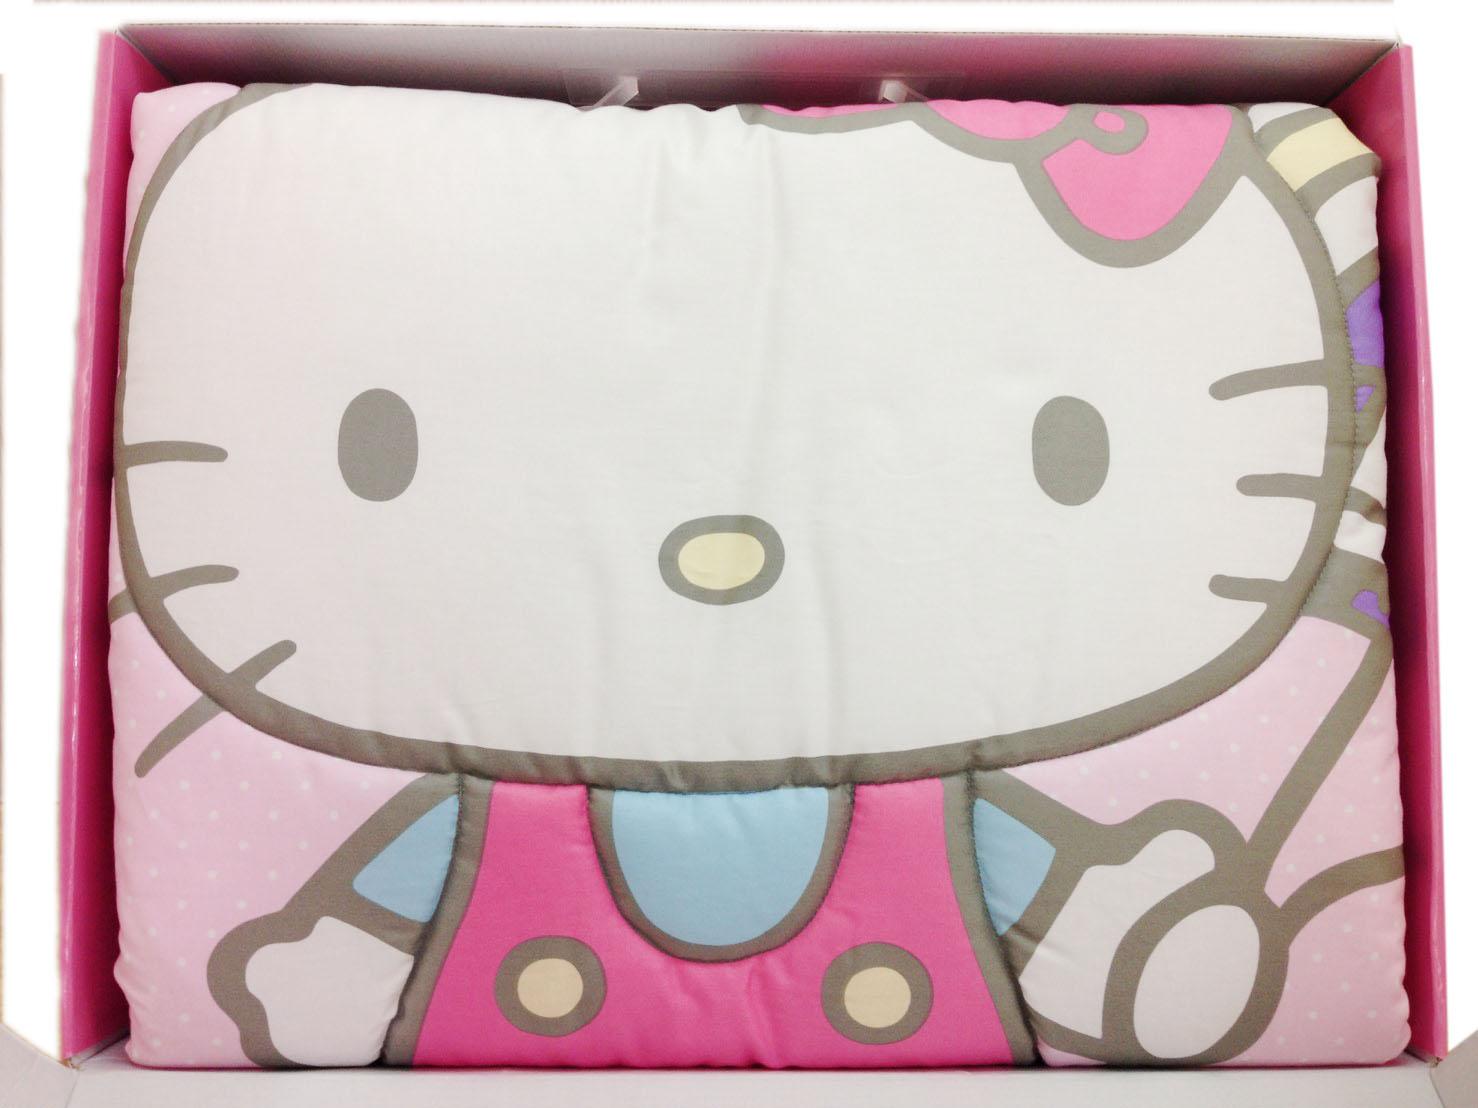 【真愛日本】16083100002四季被禮盒組  三麗鷗 Hello Kitty 凱蒂貓 嬰兒用品 正品 被子  預購